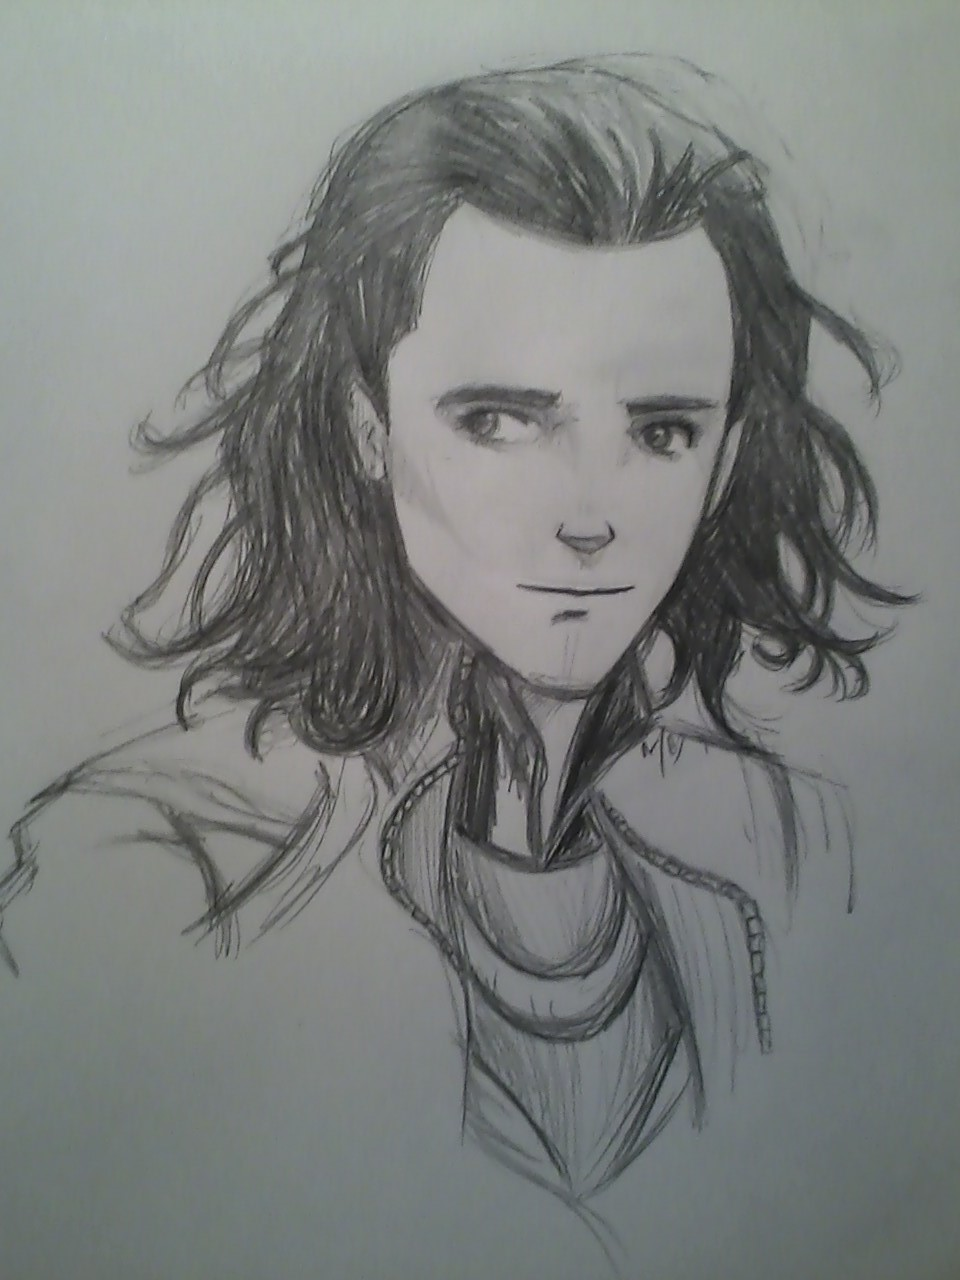 Loki re-uploaded by ElvishLoki